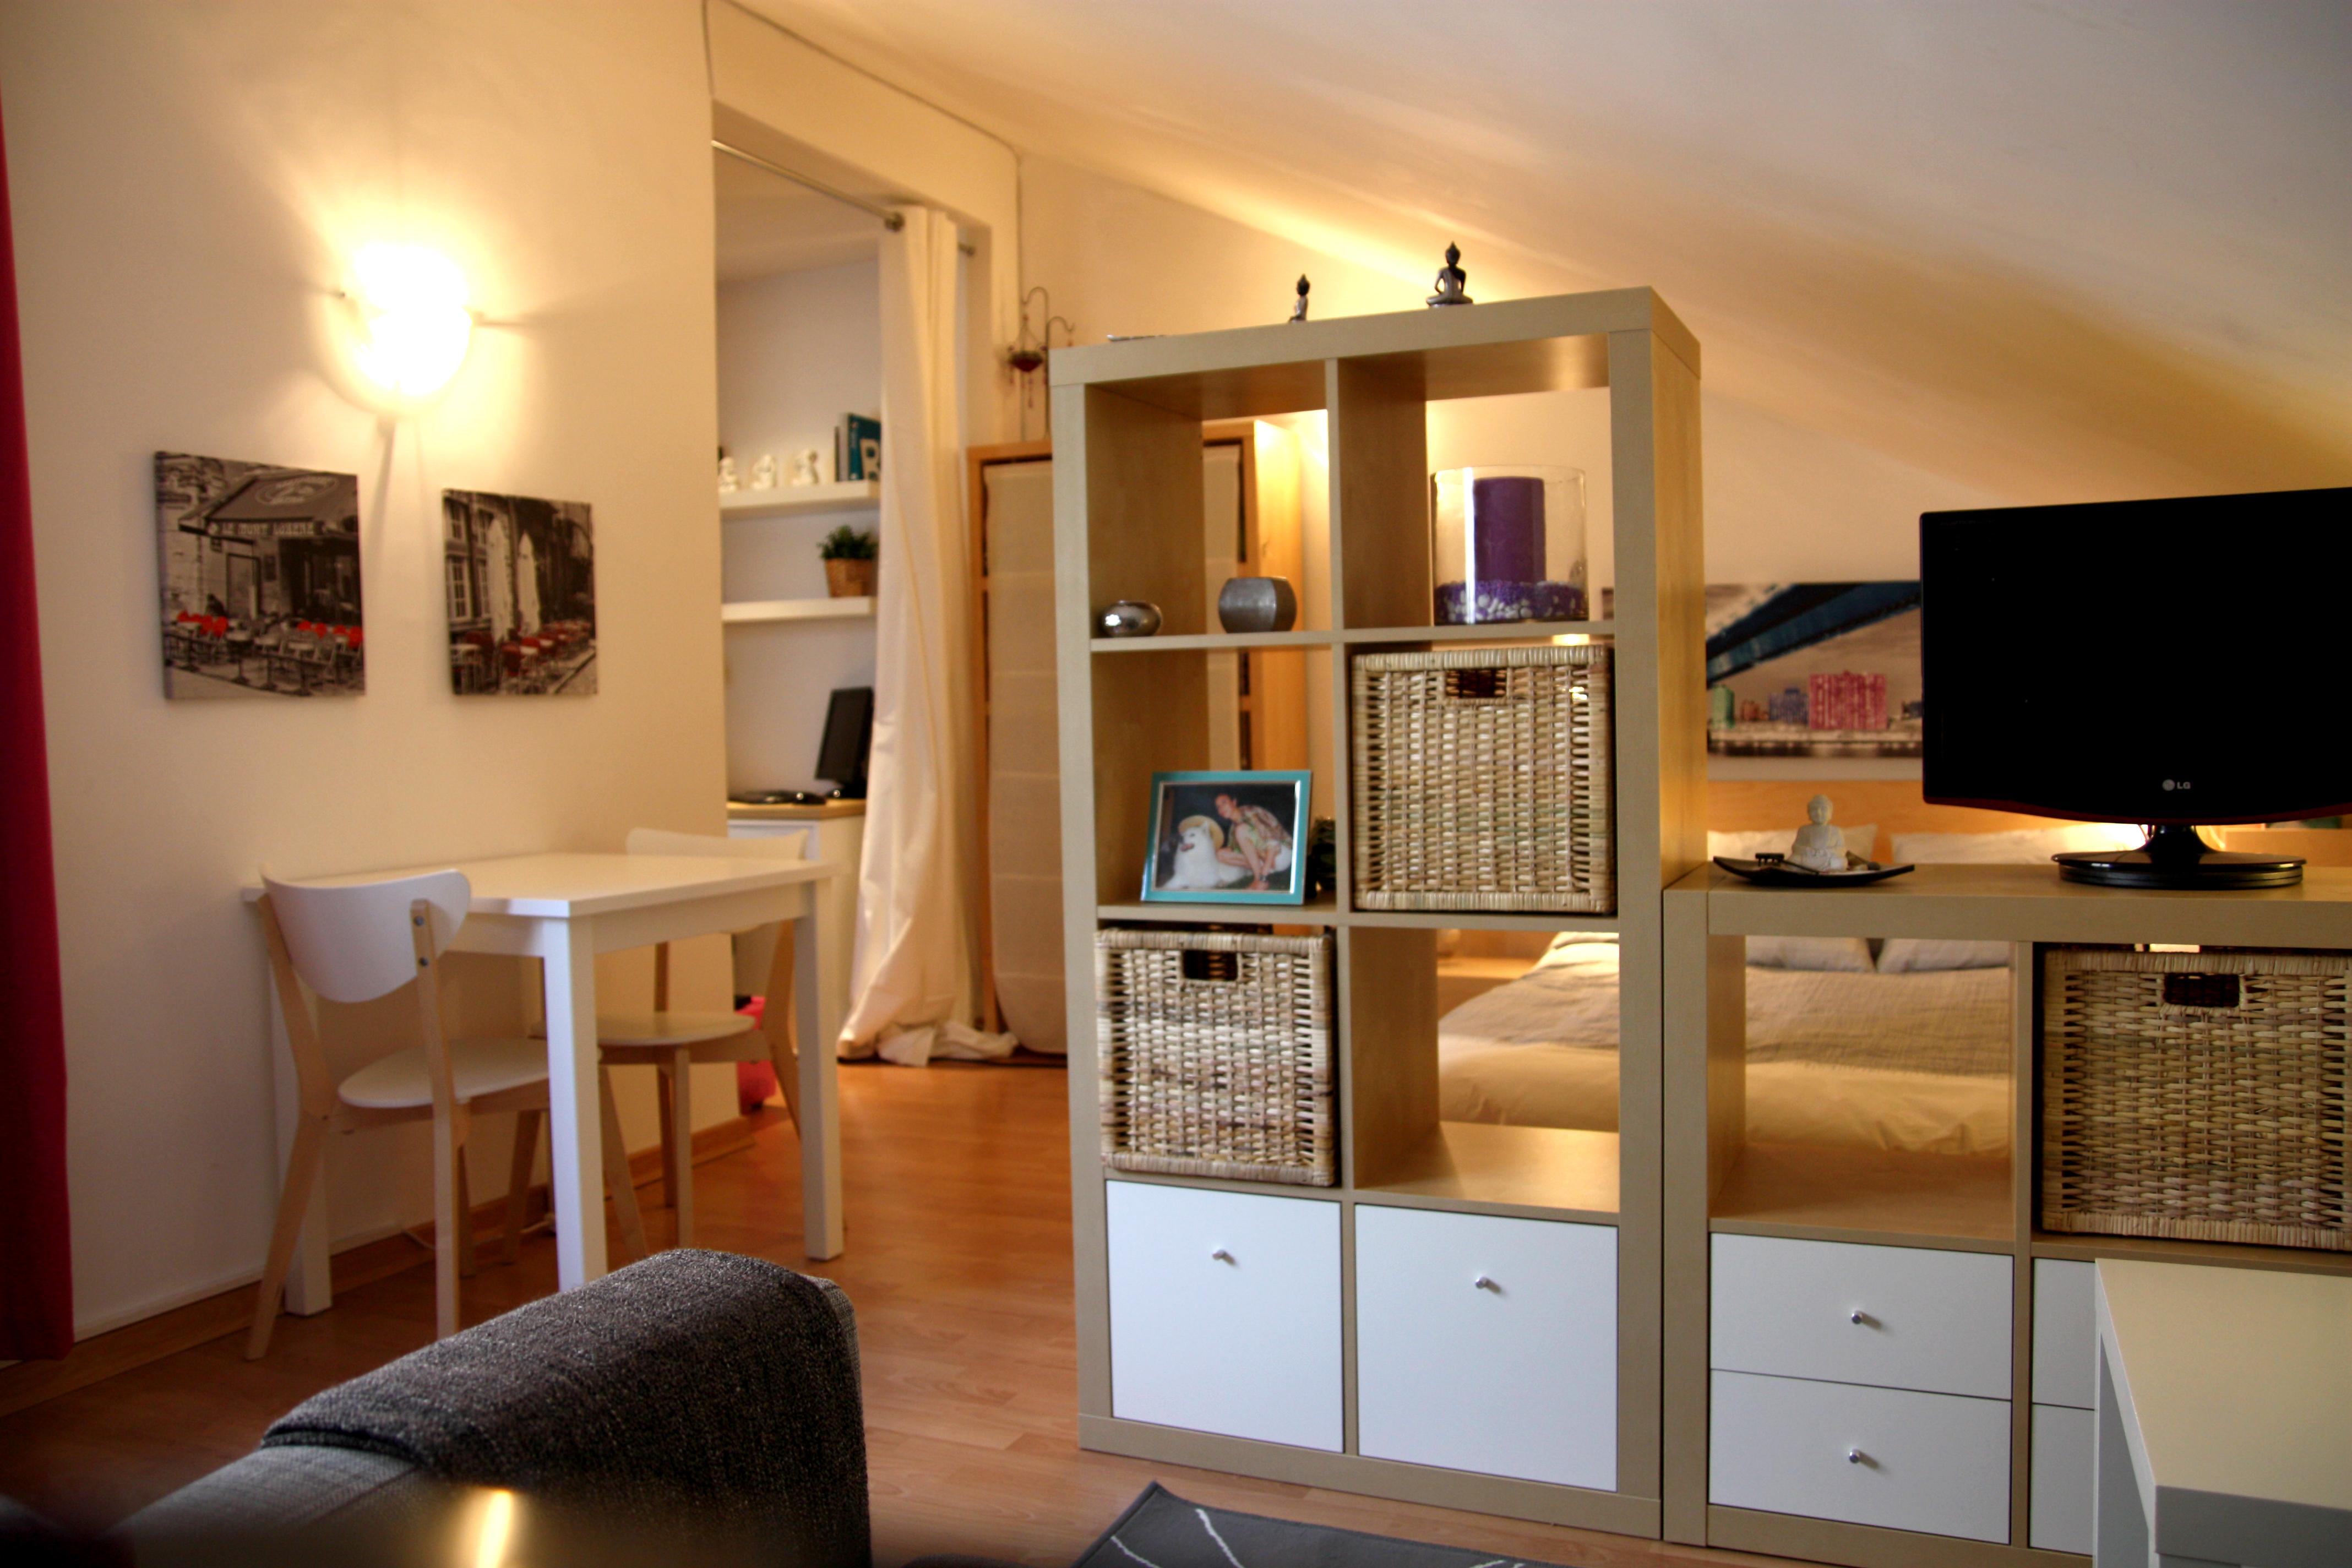 El loft de tania affordable design for real life - Cajones de mimbre ...